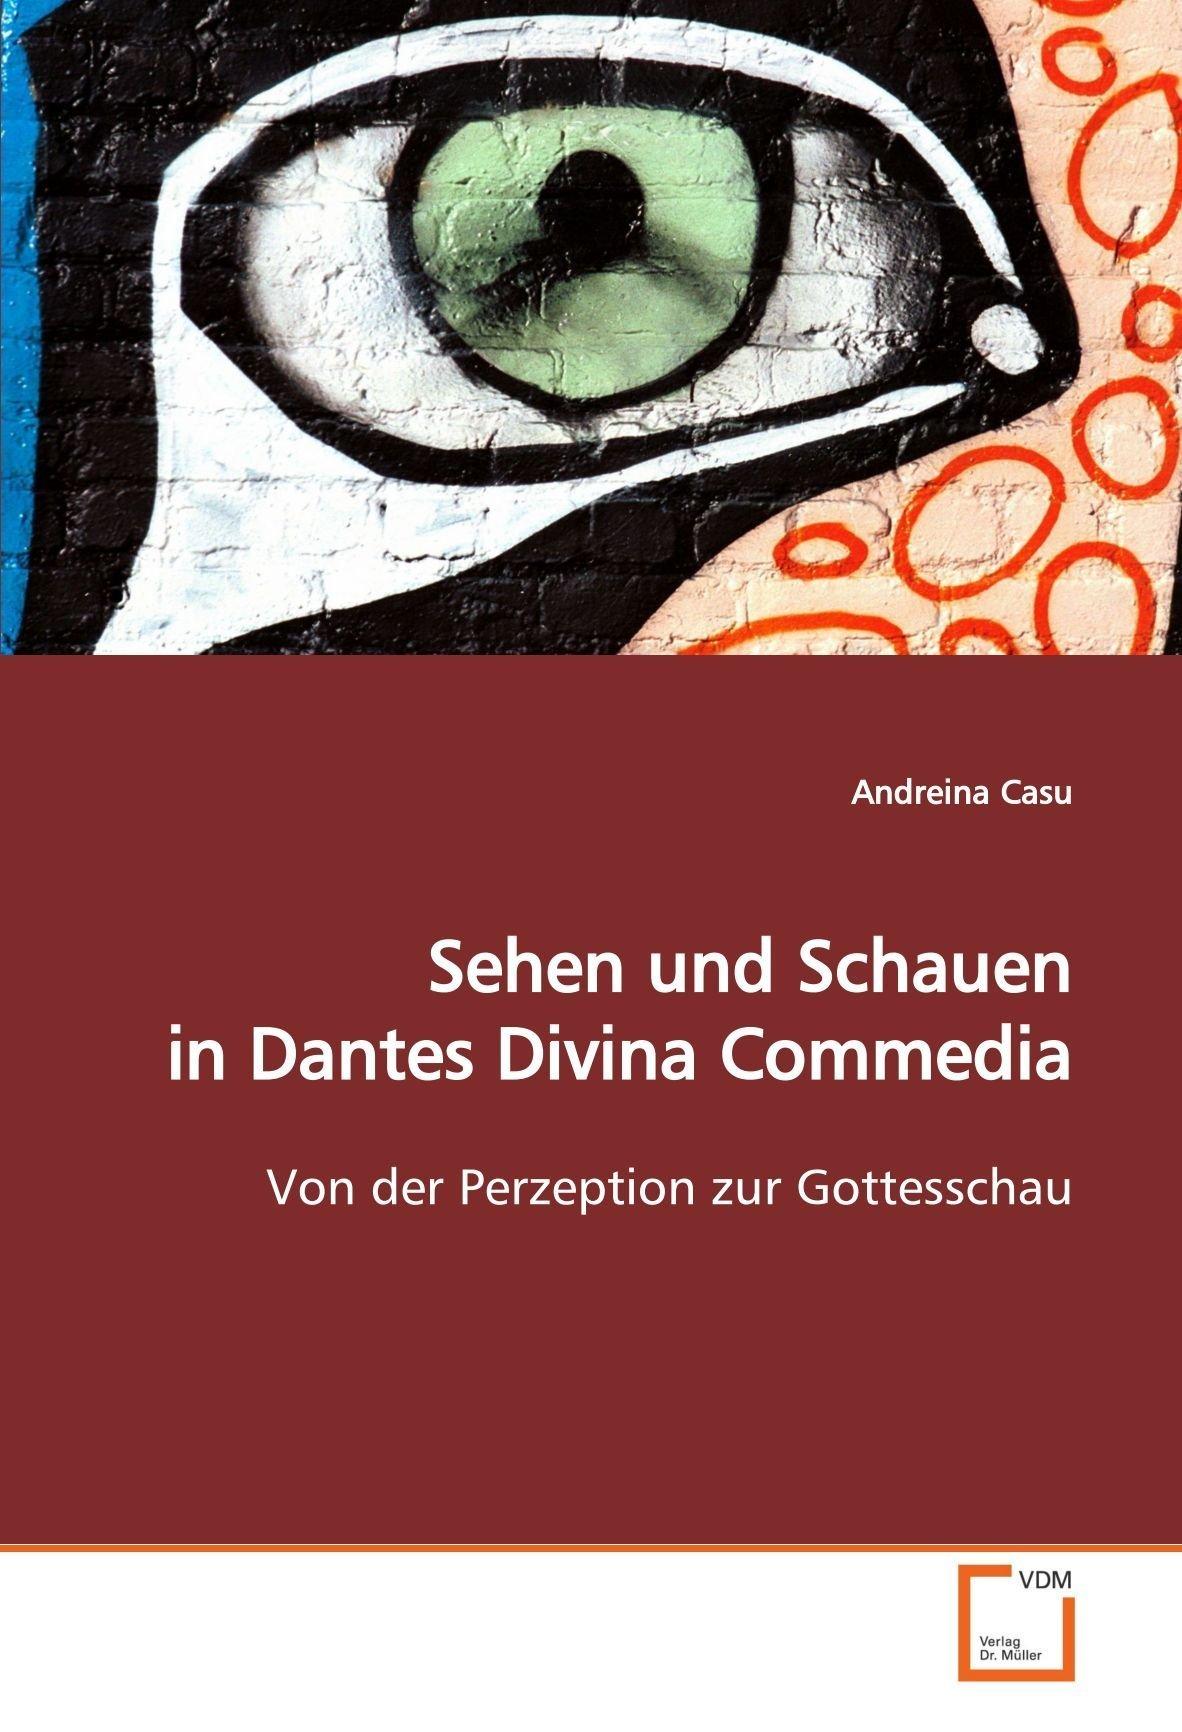 Sehen und Schauen in Dantes Divina Commedia: Von der Perzeption zur Gottesschau (German Edition) ebook